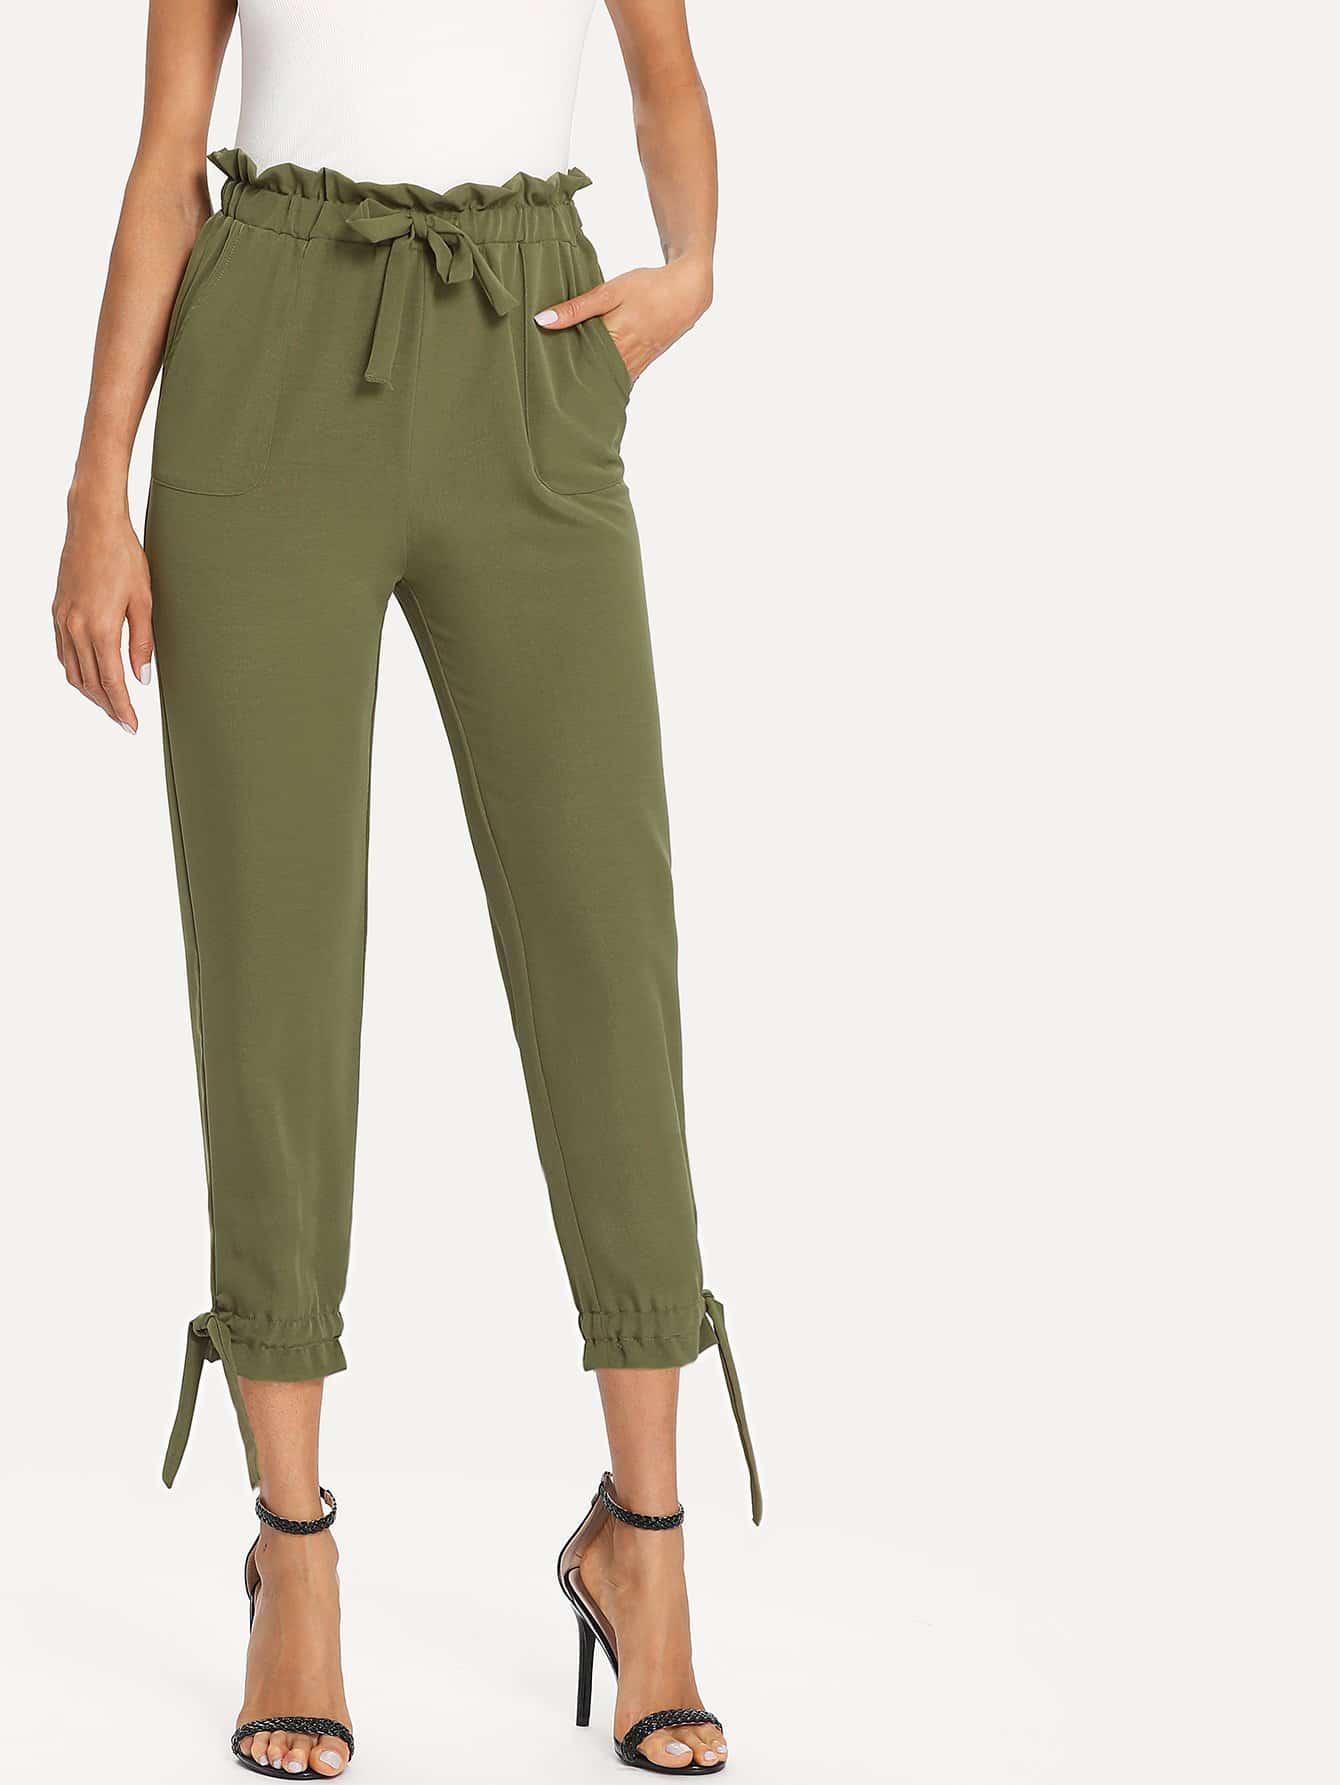 Ruffle Trim Drawstring Waist Pants ruffle waist belted peg pants